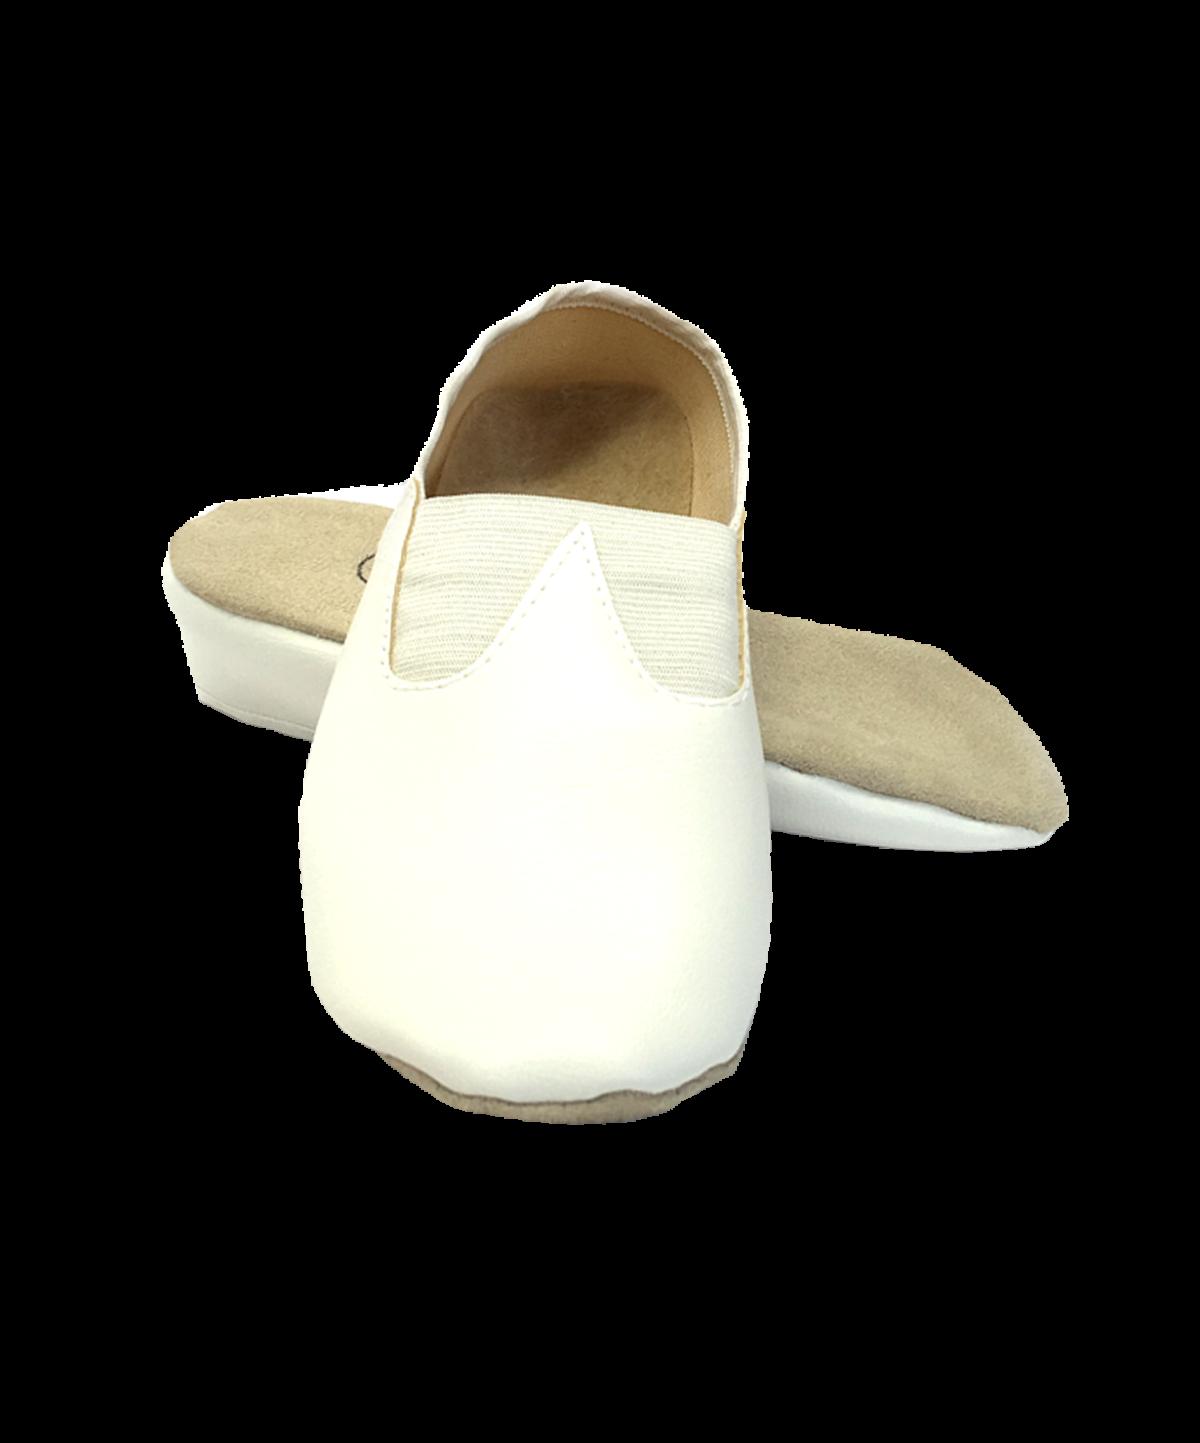 Чешки классические кожзам  2627: белый - 1